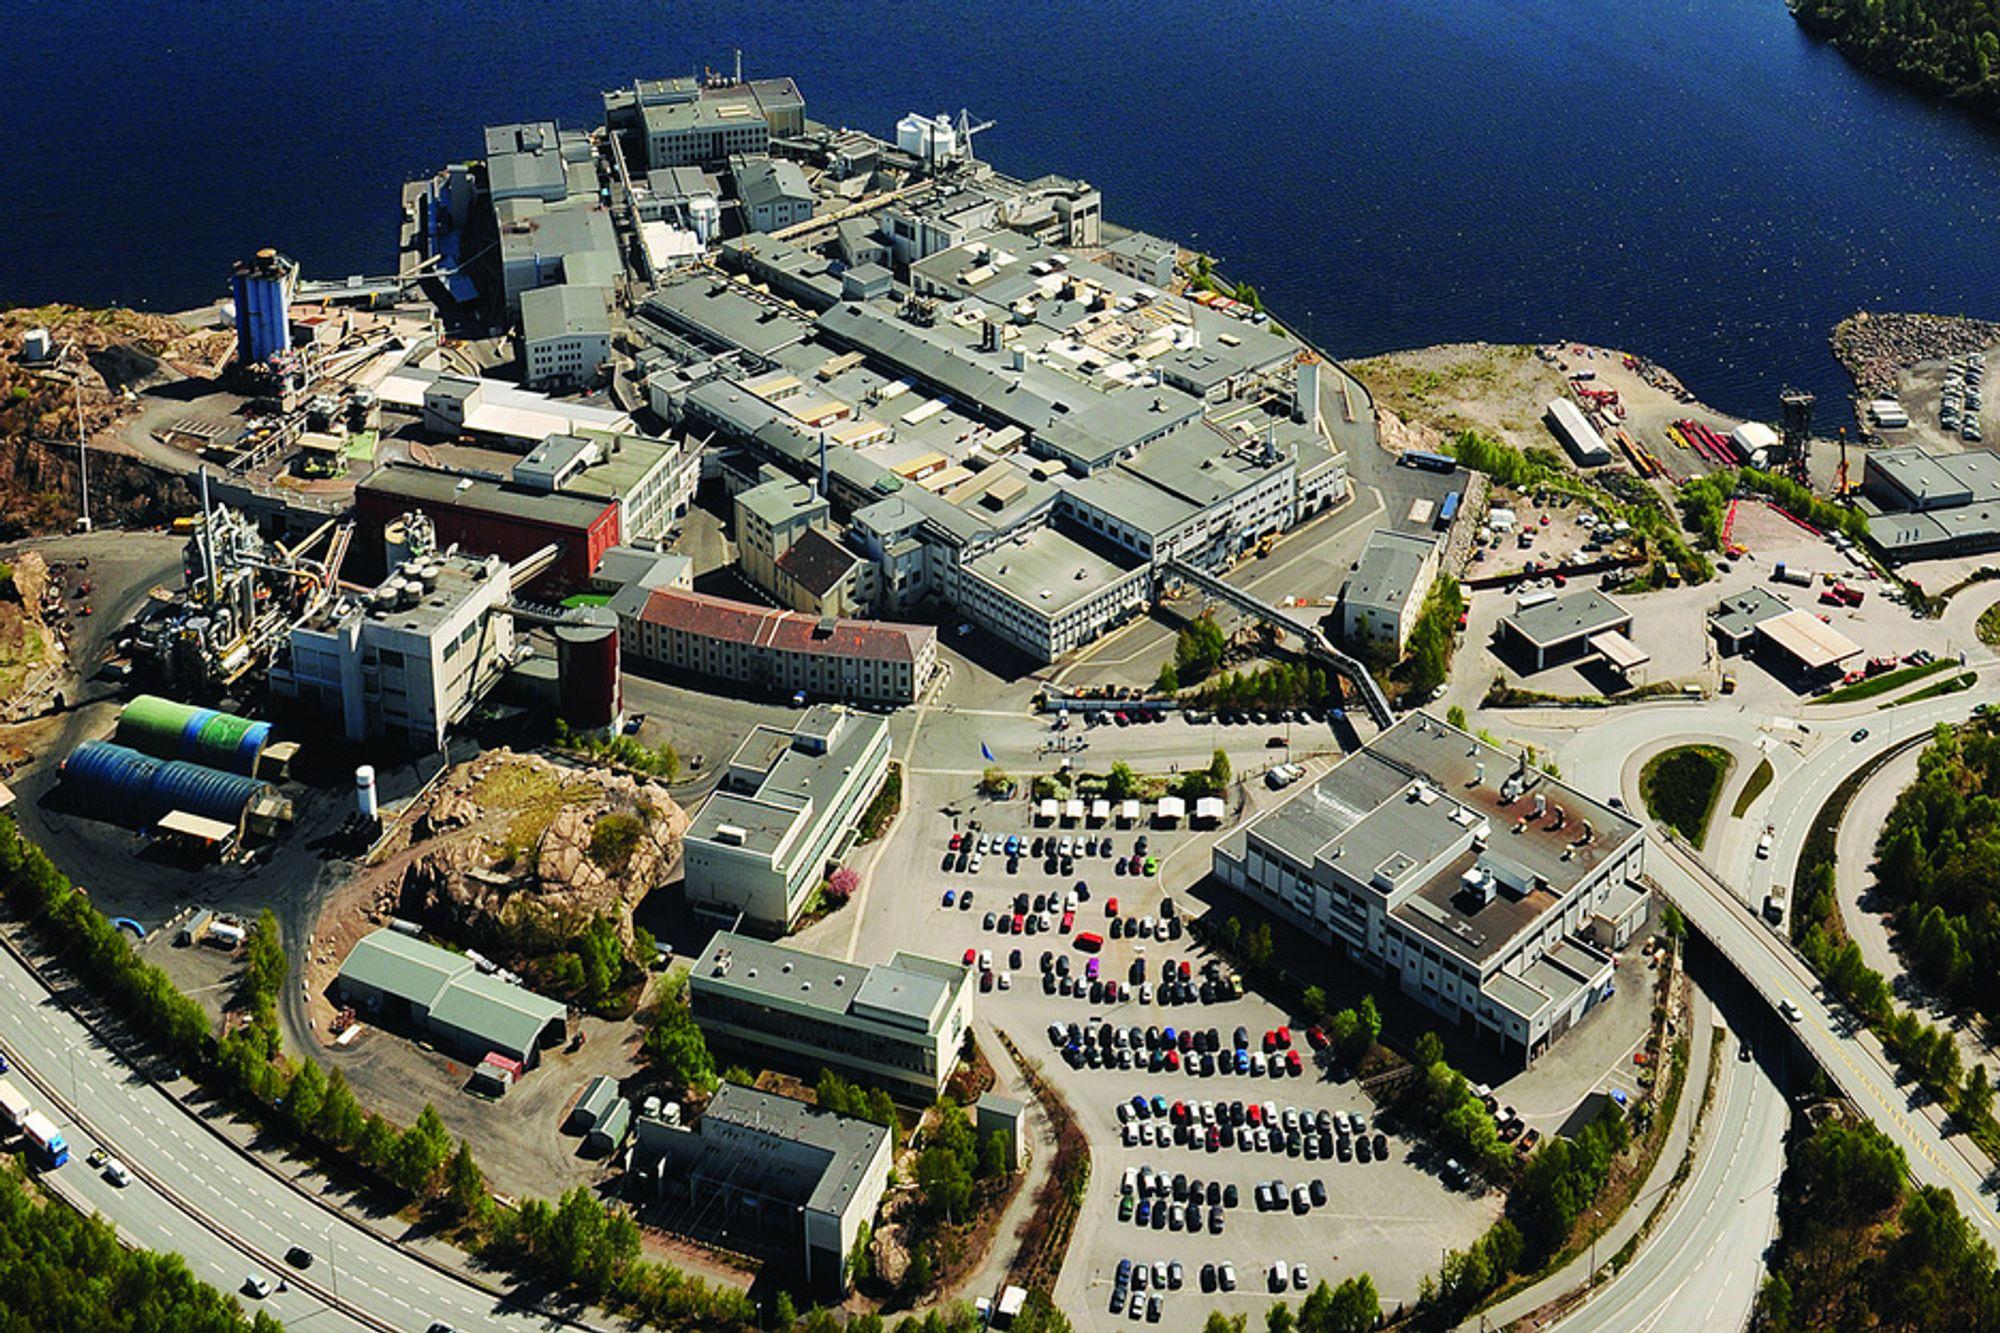 SAMARBEIDER: Xstrata i Kristiansand er den største bedriften i nettverket, som til sammen teller 12 prosessindustribedrifter.